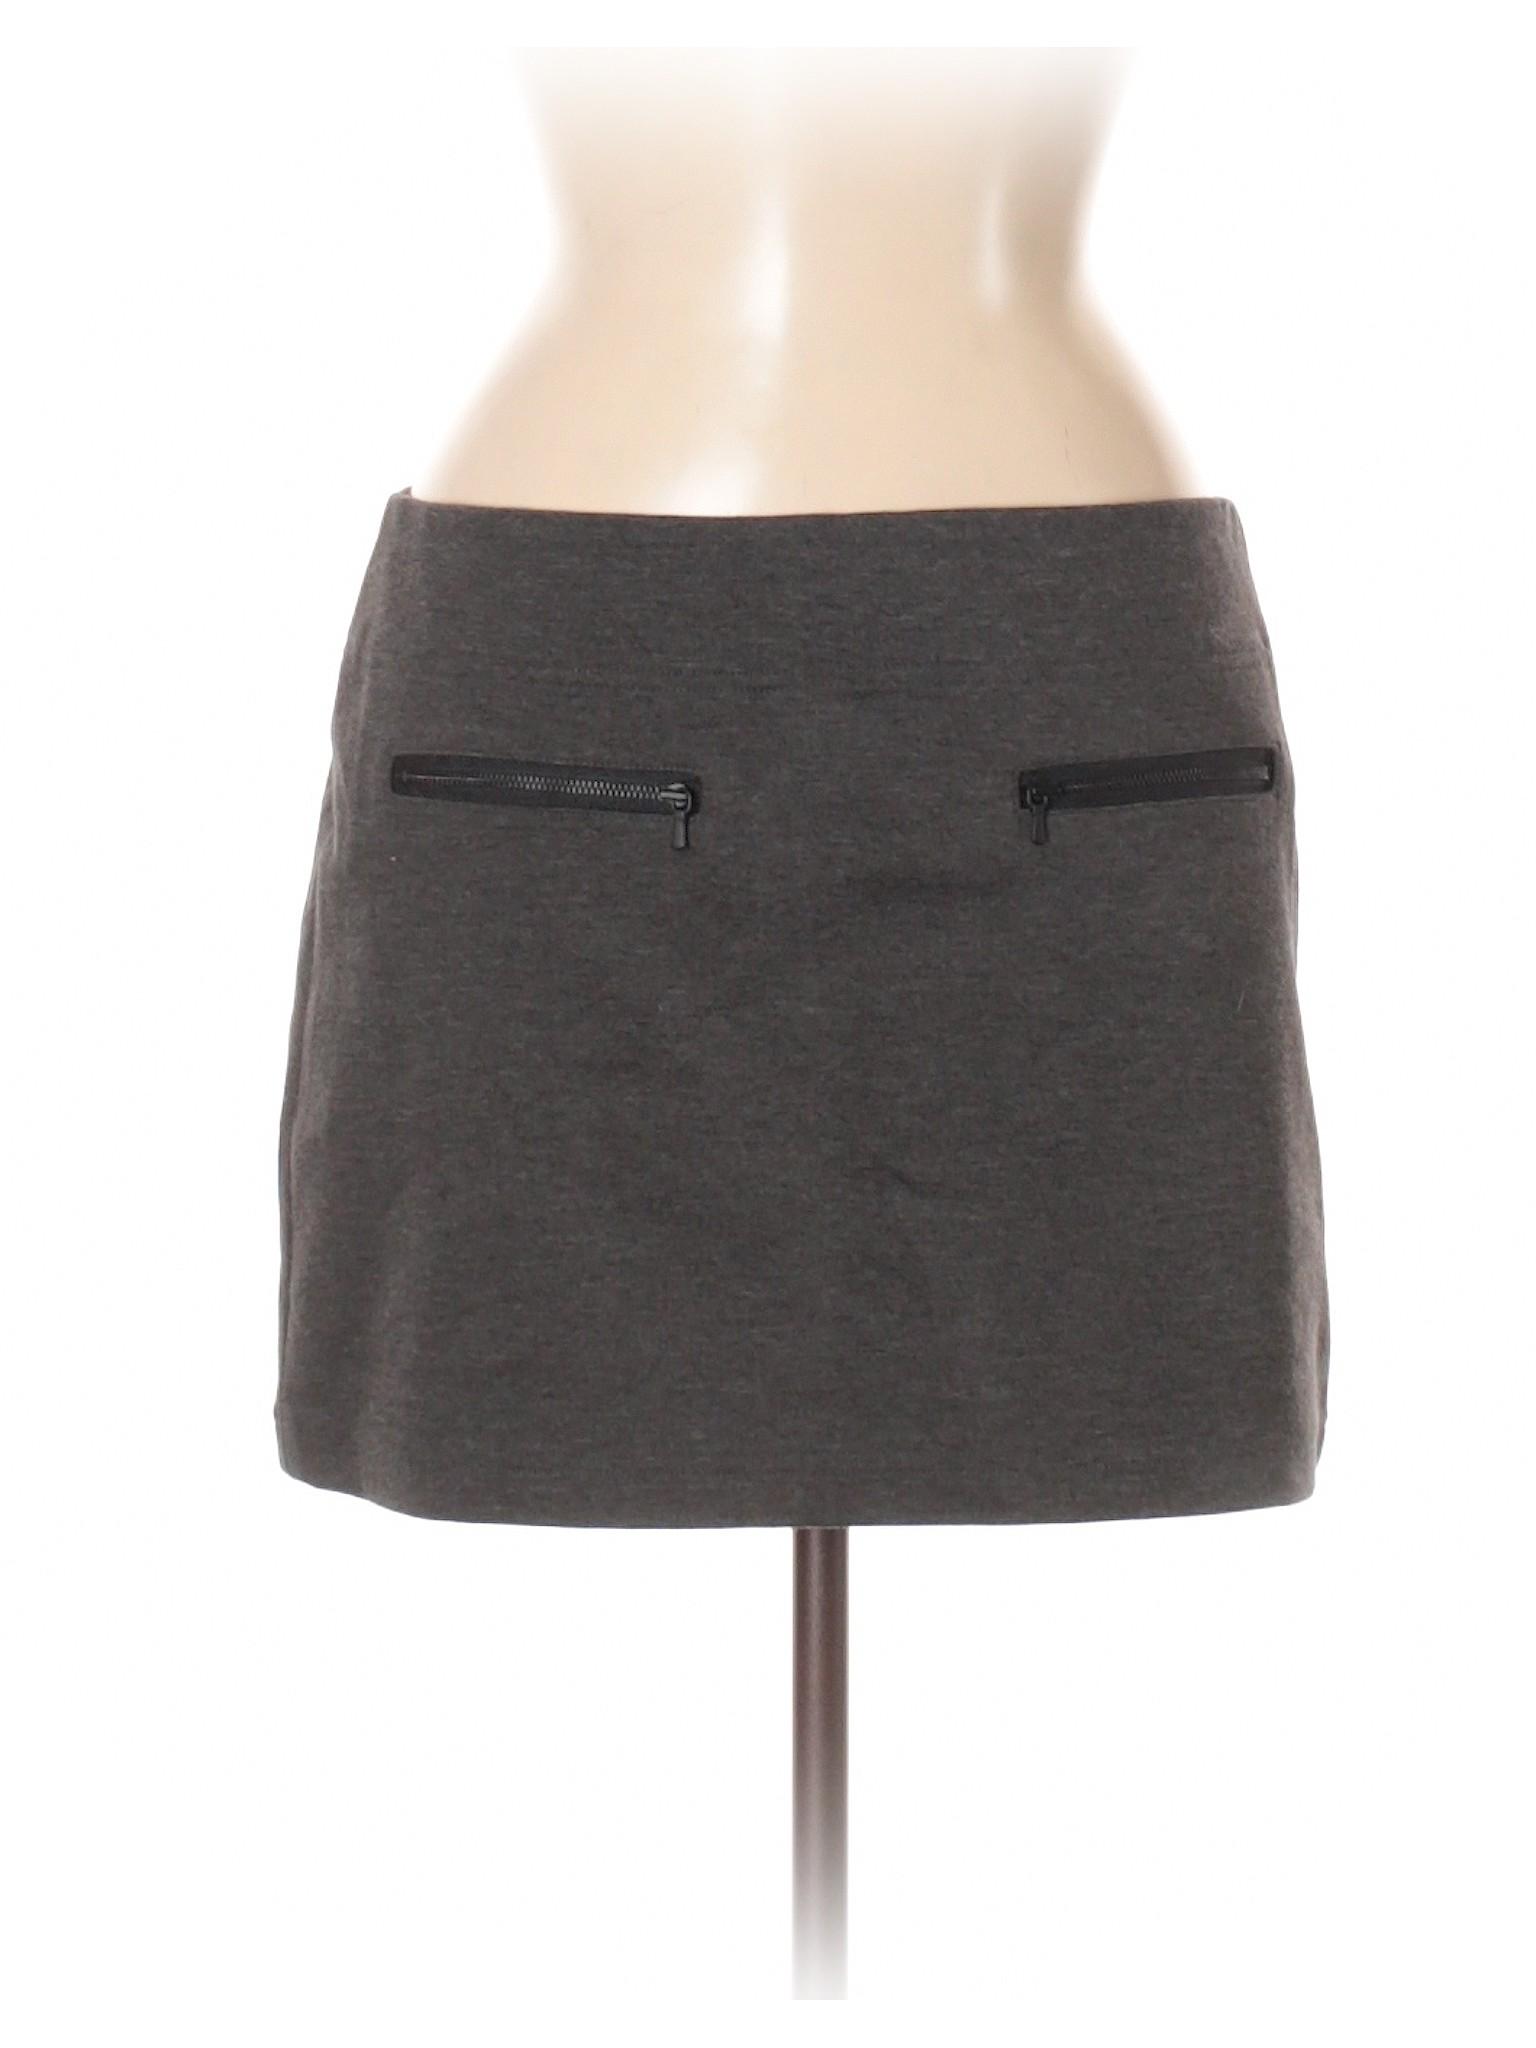 Boutique Uniqlo Boutique leisure leisure Skirt Casual PrPZFx